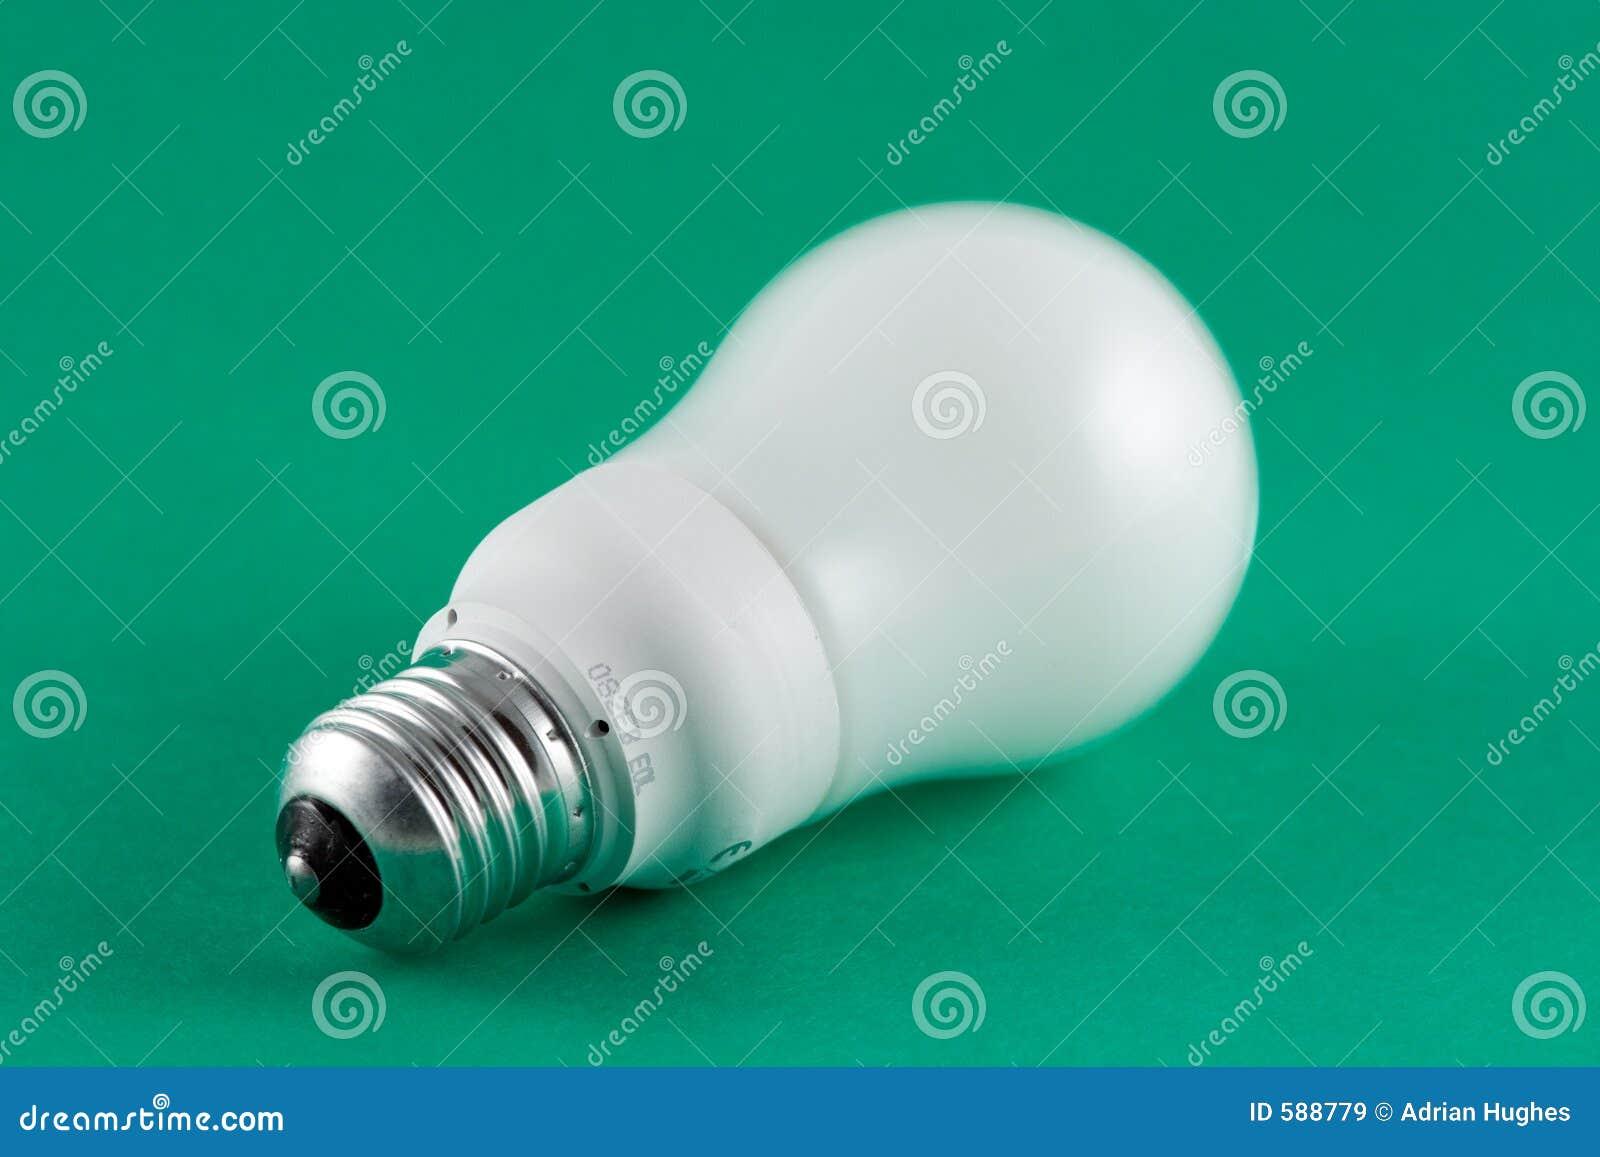 Grüne Energie-Glühlampe